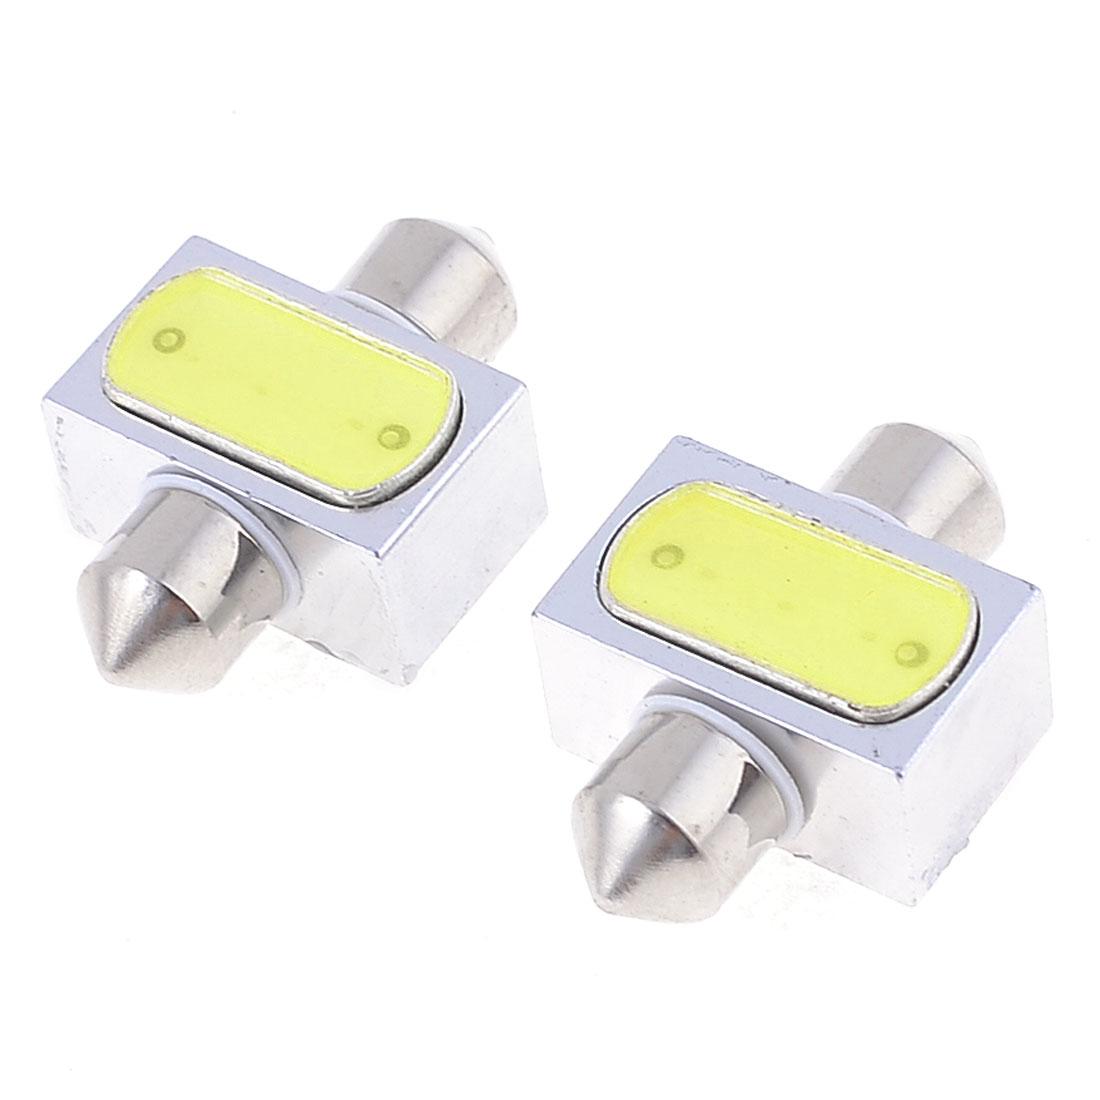 """2 x Car 31mm 1.25"""" White LED Festoon Dome Light Bulb Lamp 3W DC 12V 6430 6428"""